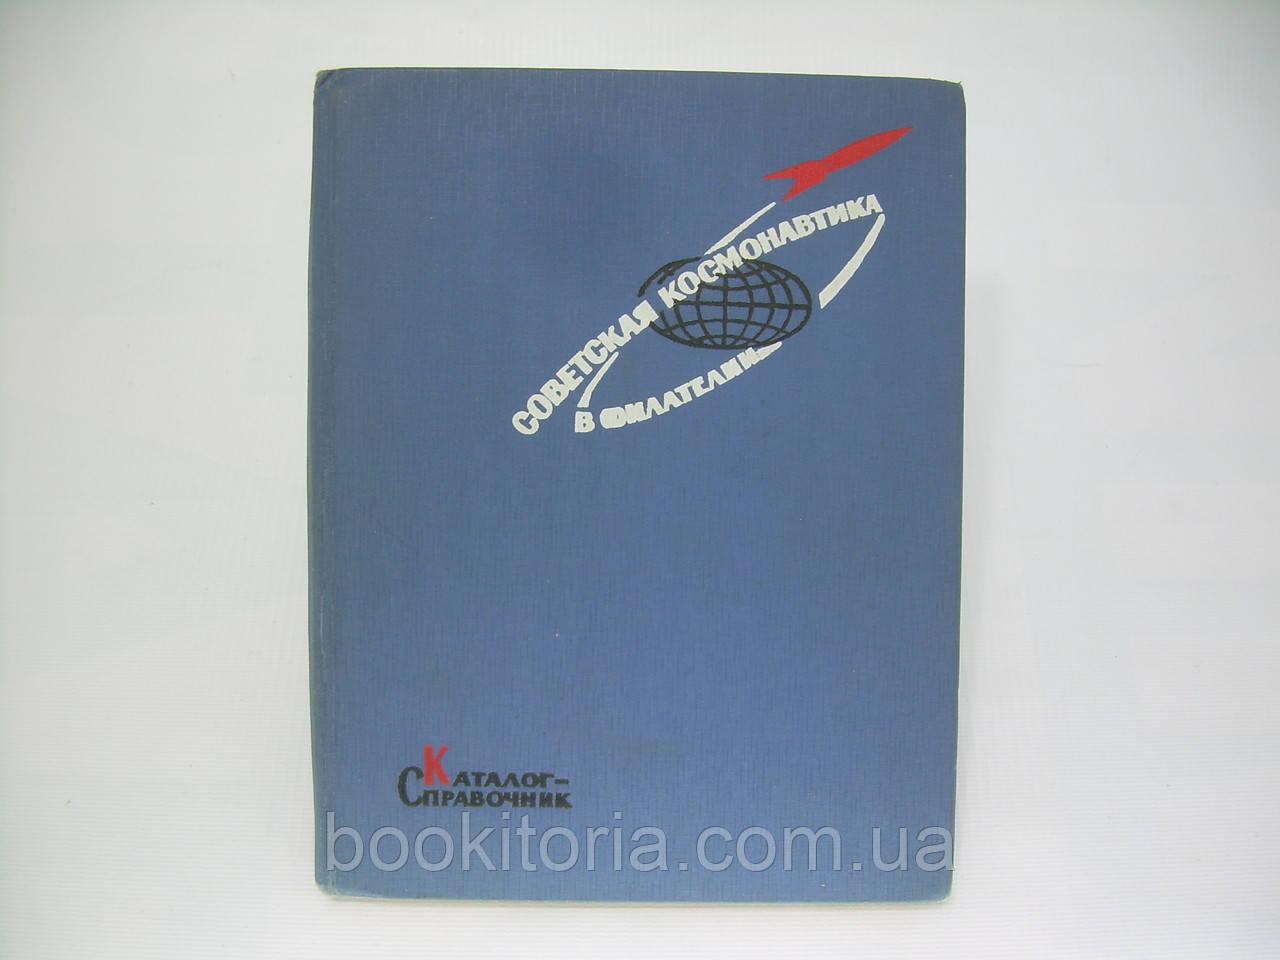 Советская космонавтика в филателии. Каталог-справочник (б/у).